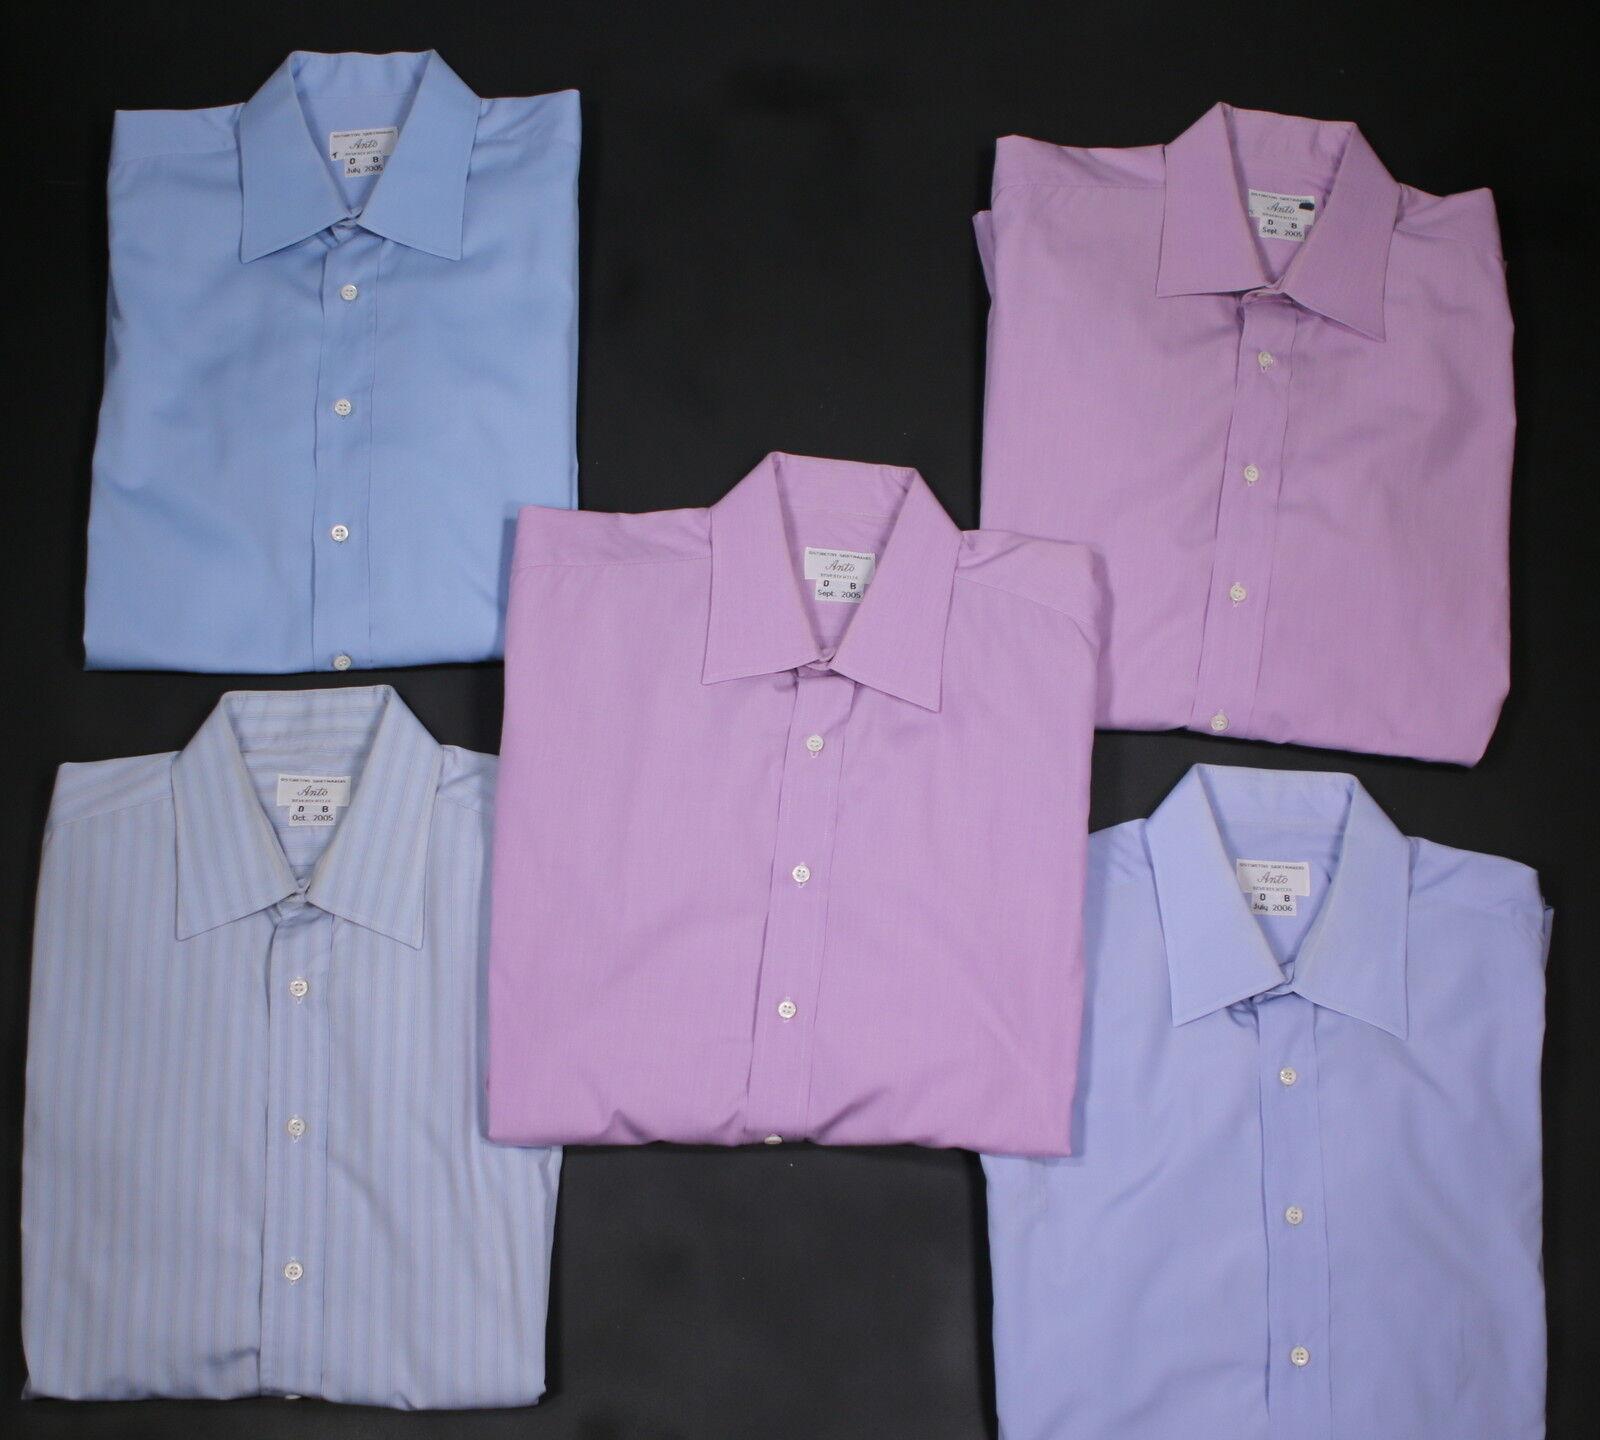 ANTO  Lot of 5 Dress Shirts Made for DAVID BOREANAZ Bones 16.5-36